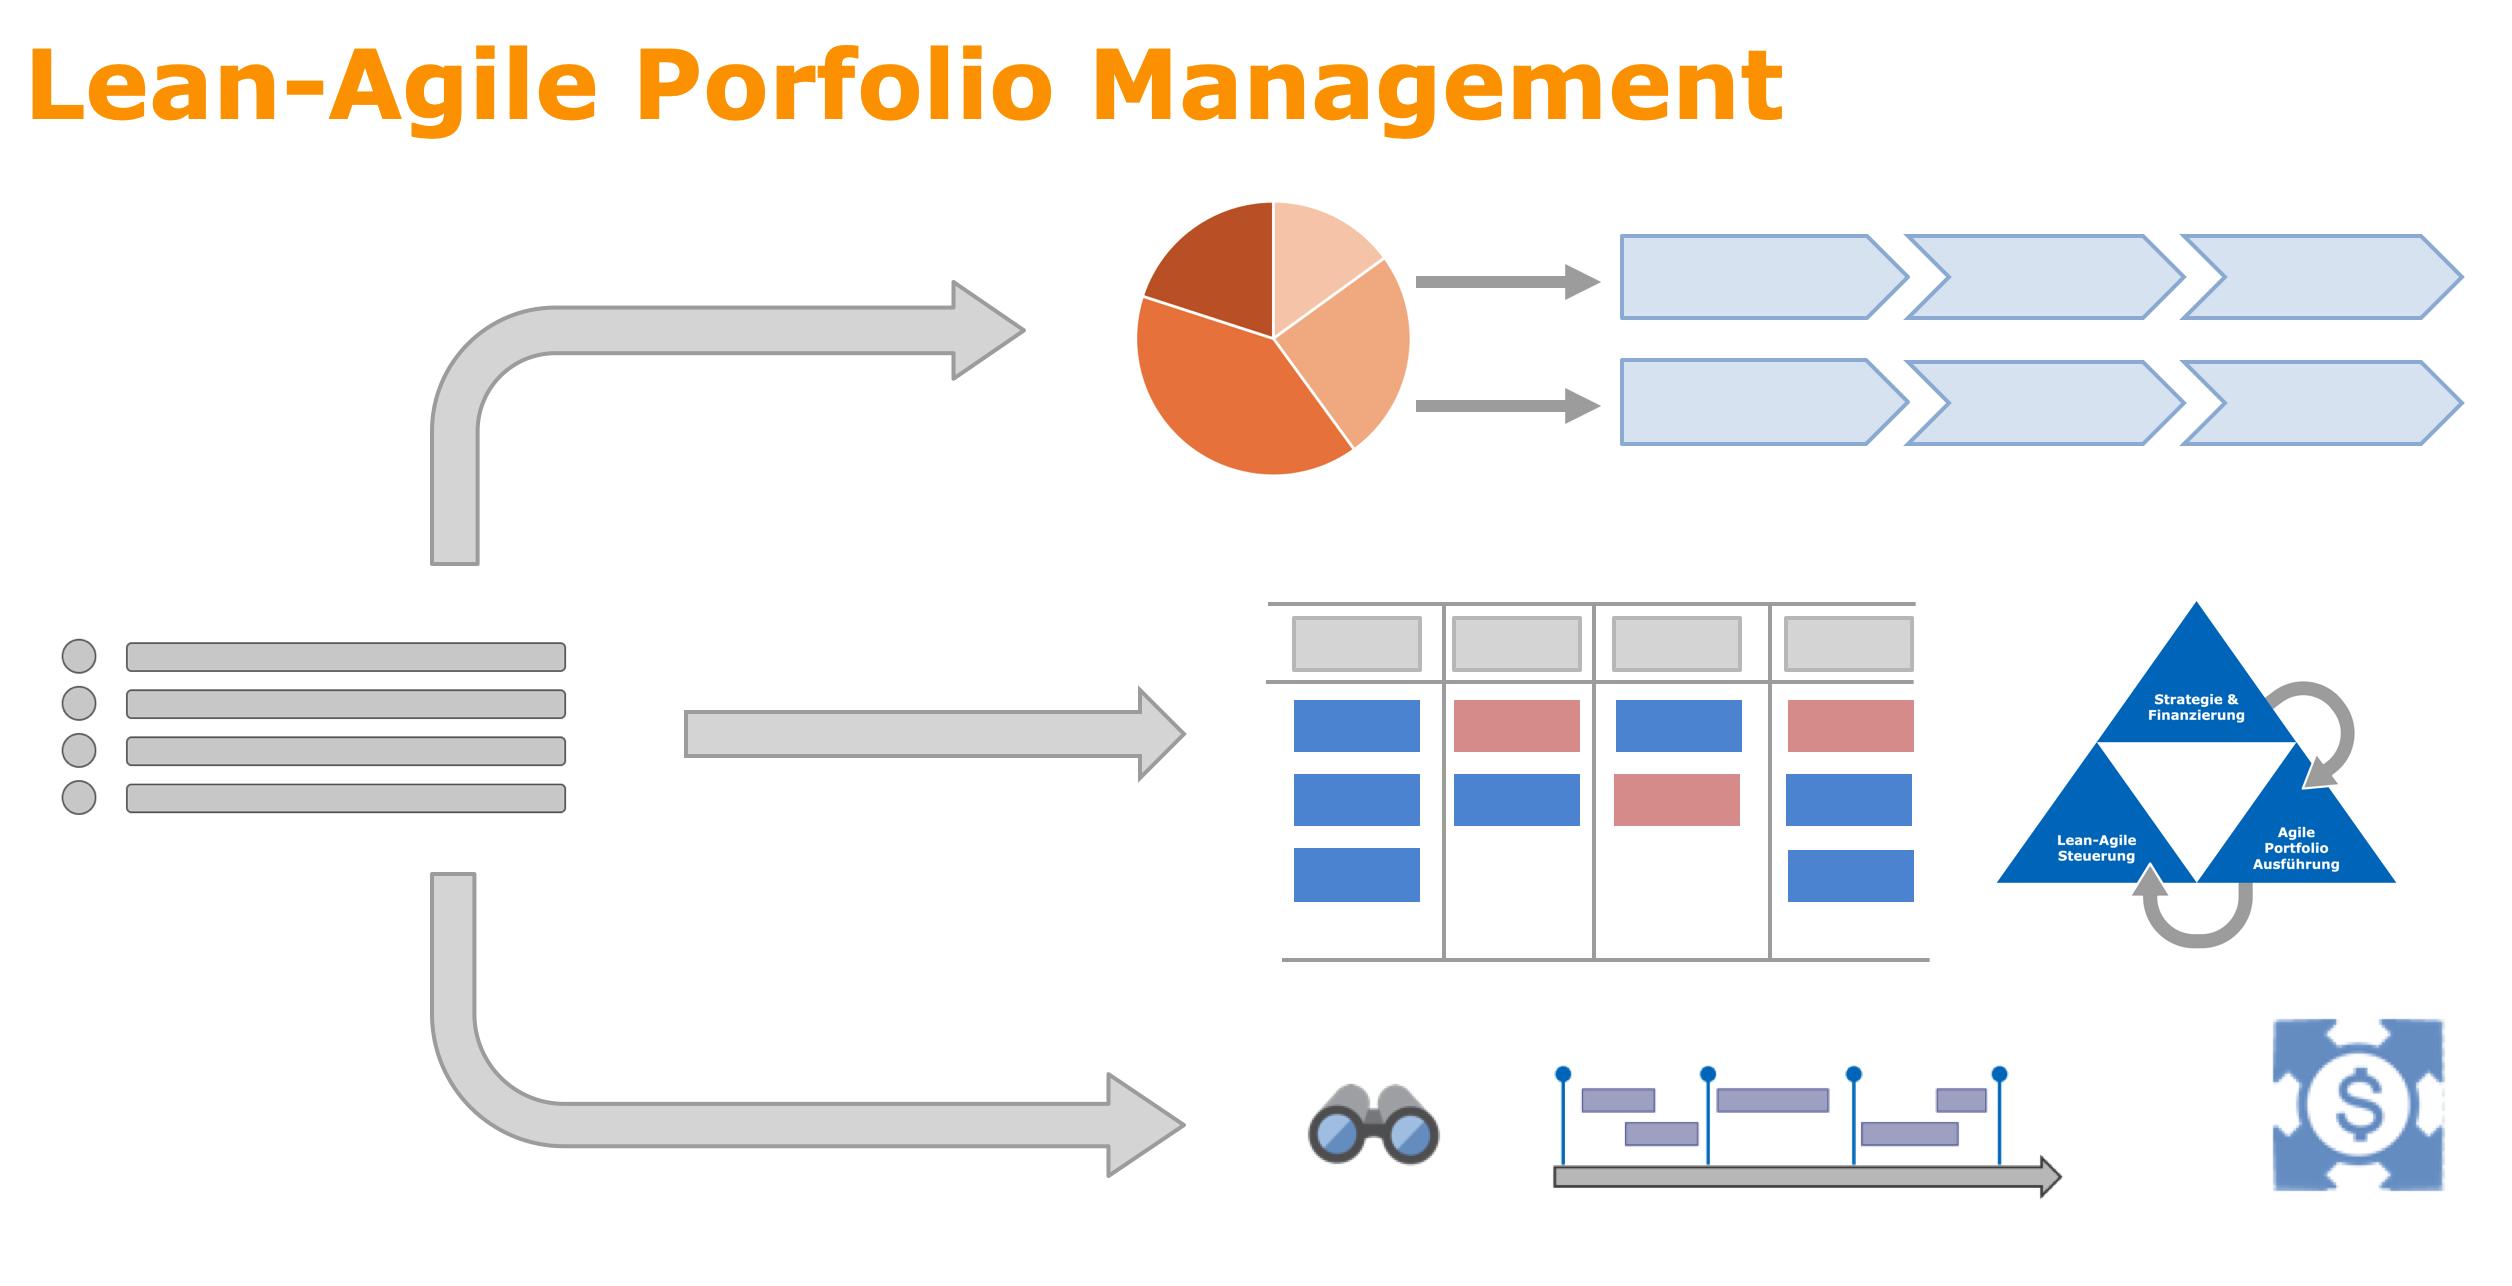 Stammtisch:  Stau im Projektportfolio? Mit Lean Portfolio Management wieder Fluss und somit Fortschritt schaffen.